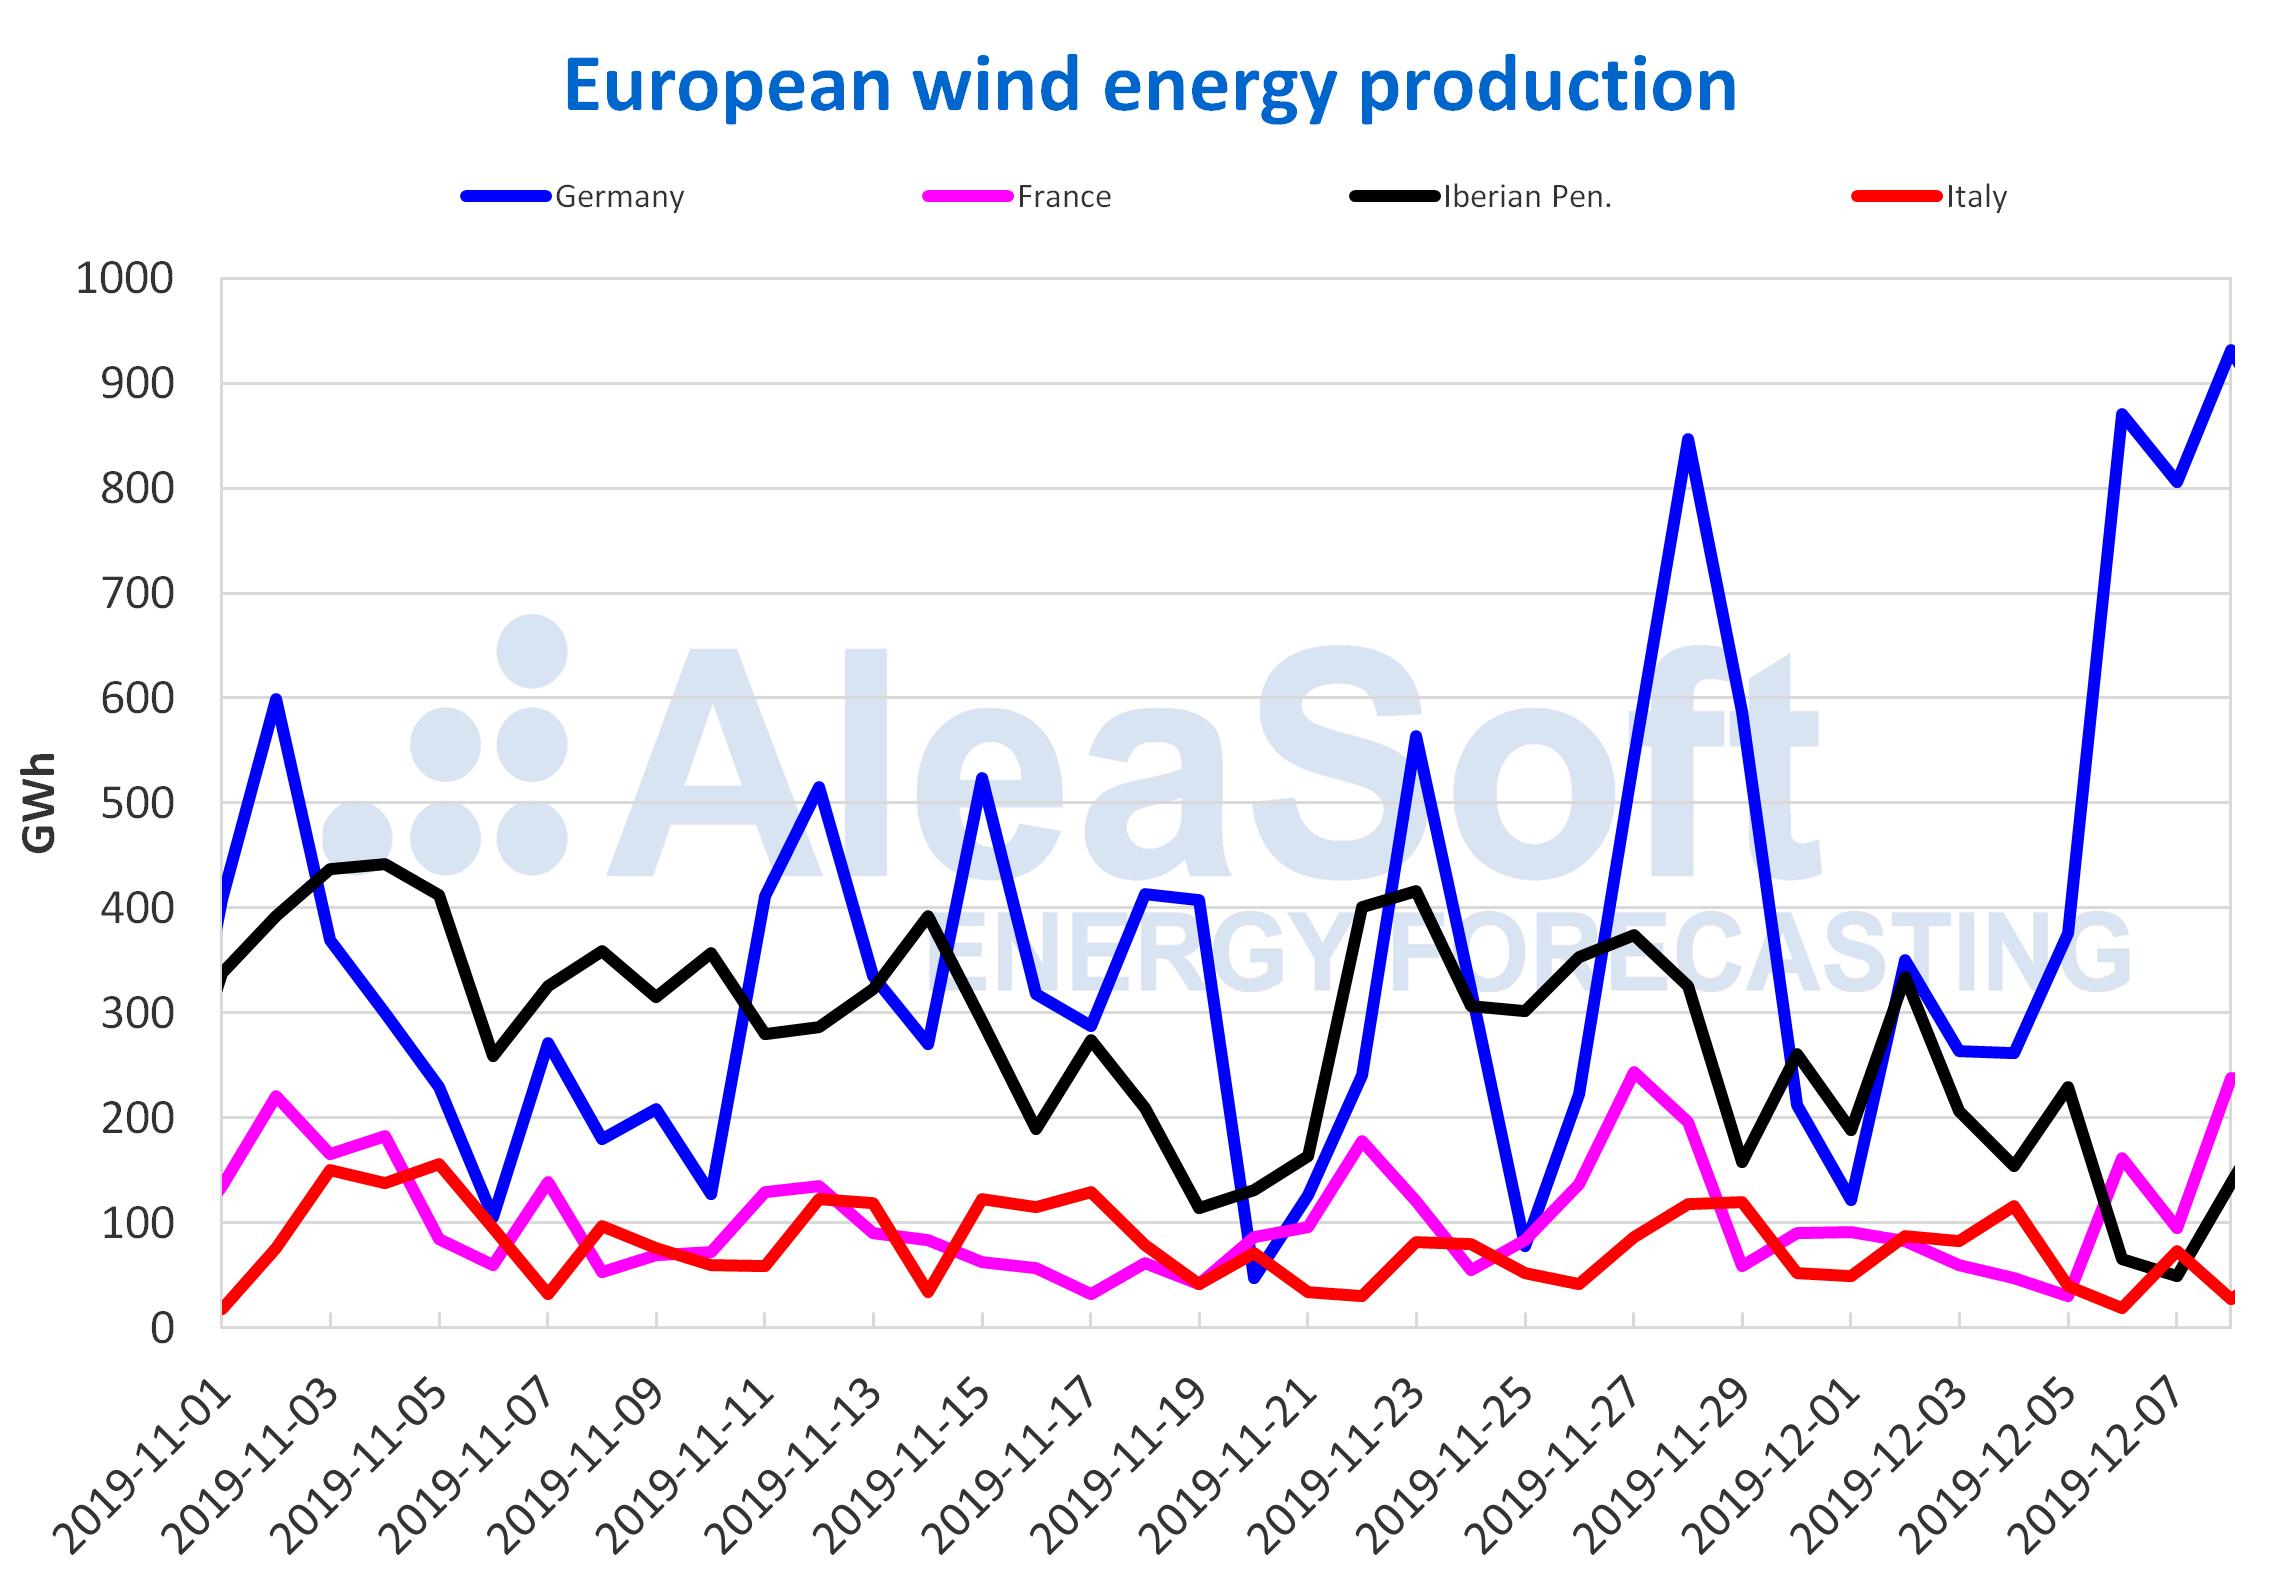 AleaSoft - Wind energy production Europe